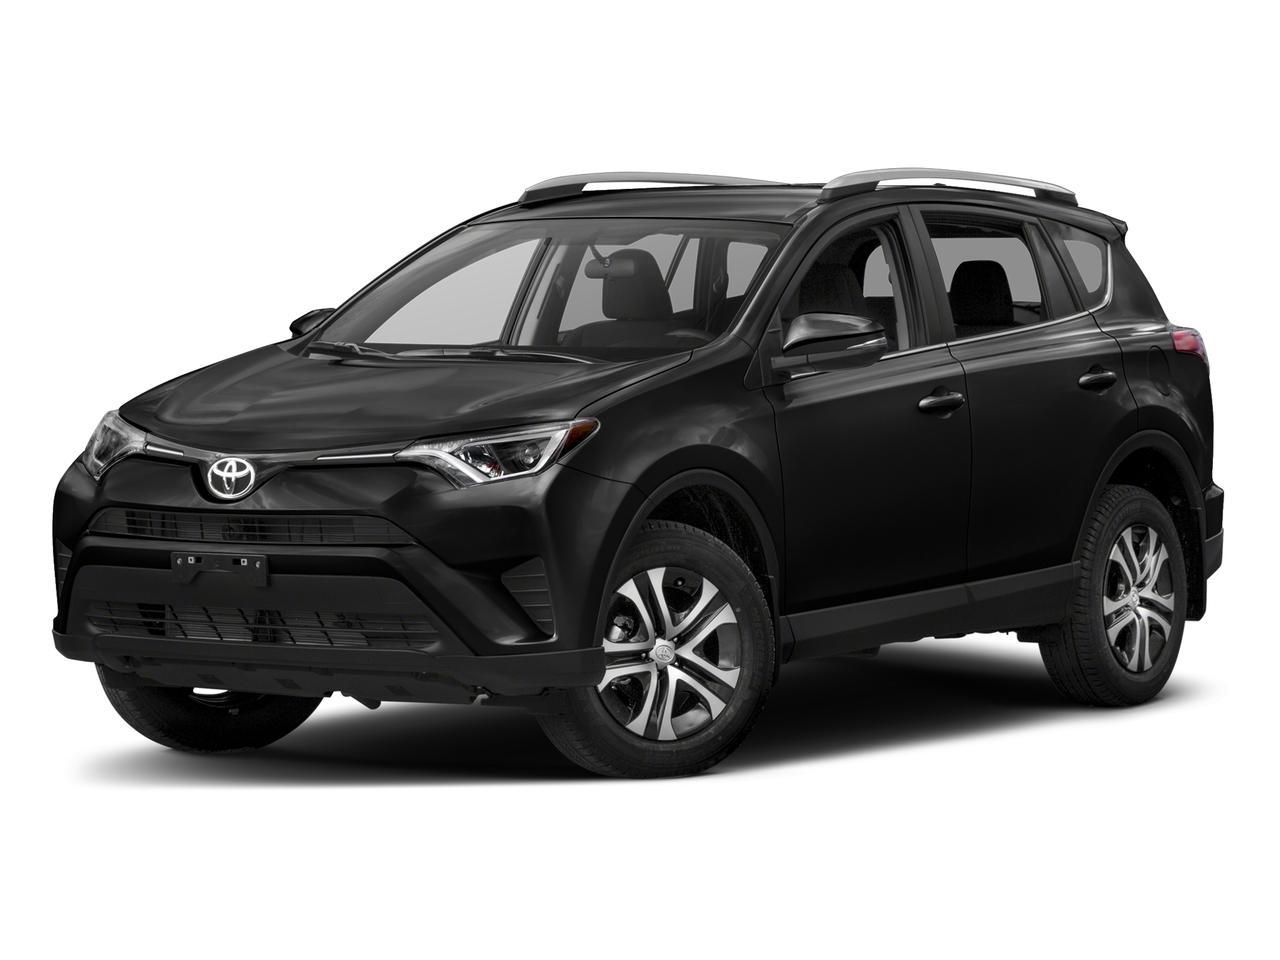 2018 Toyota RAV4 Vehicle Photo in Neenah, WI 54956